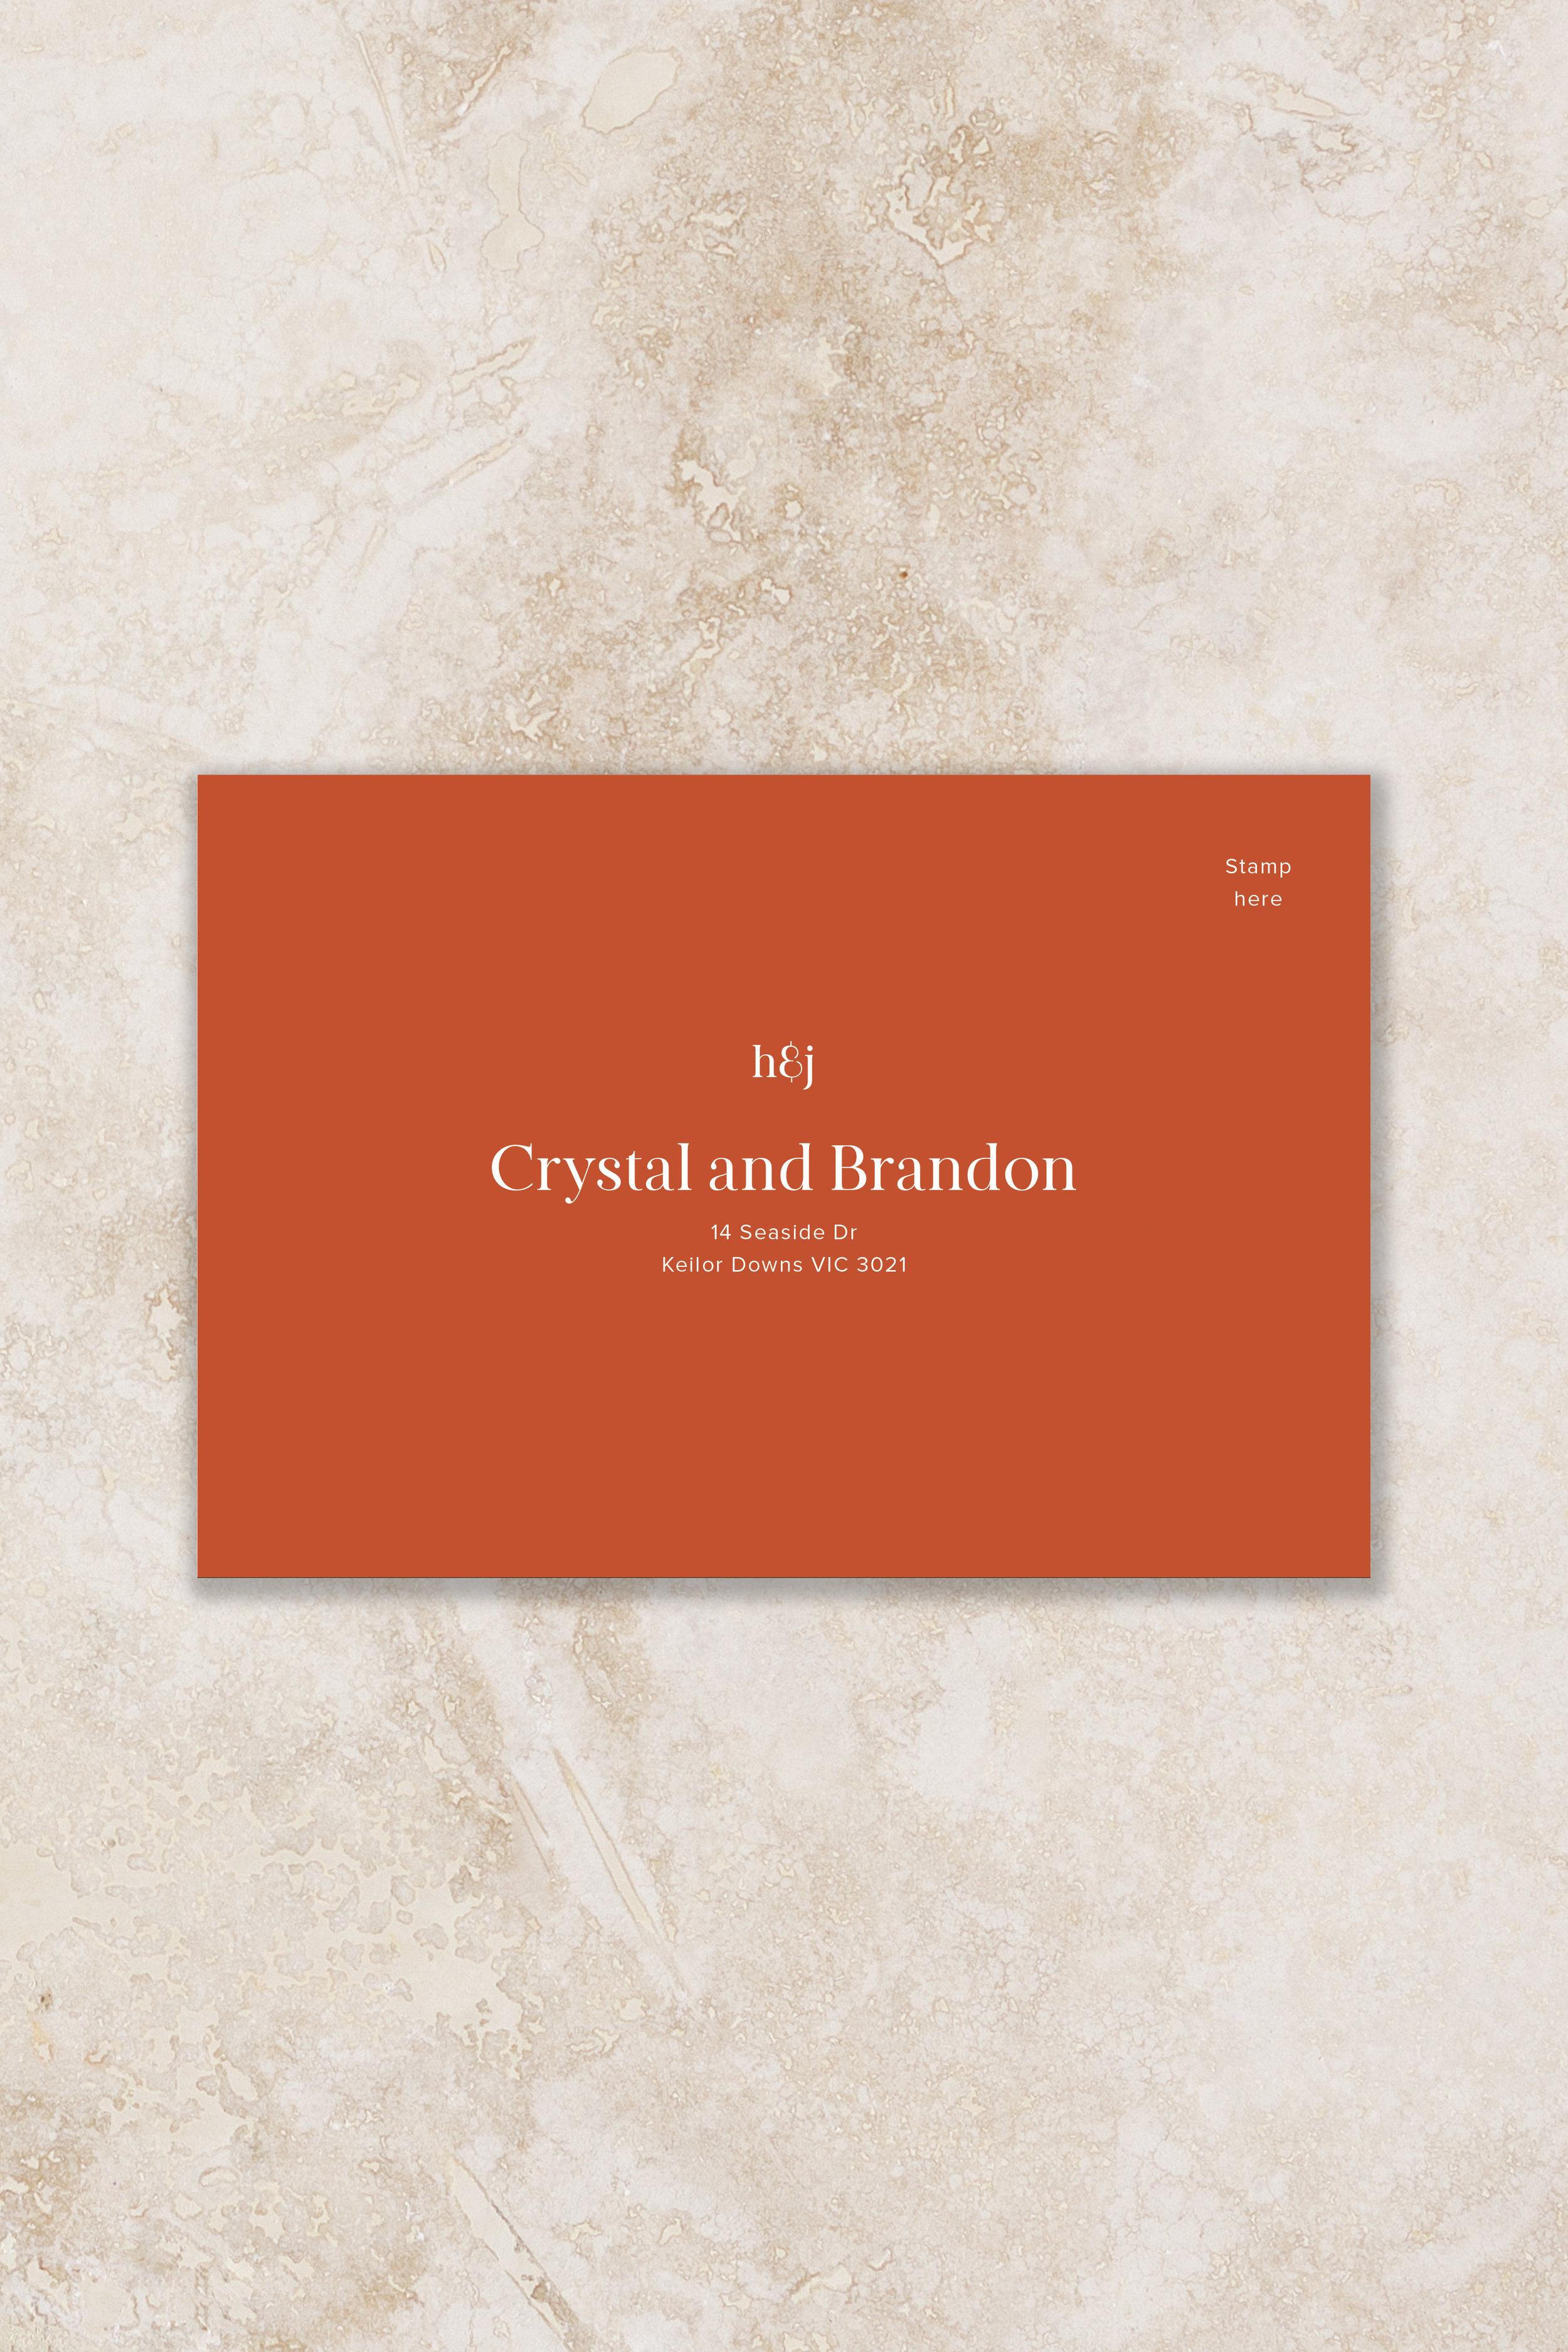 Envelope 1 - Front